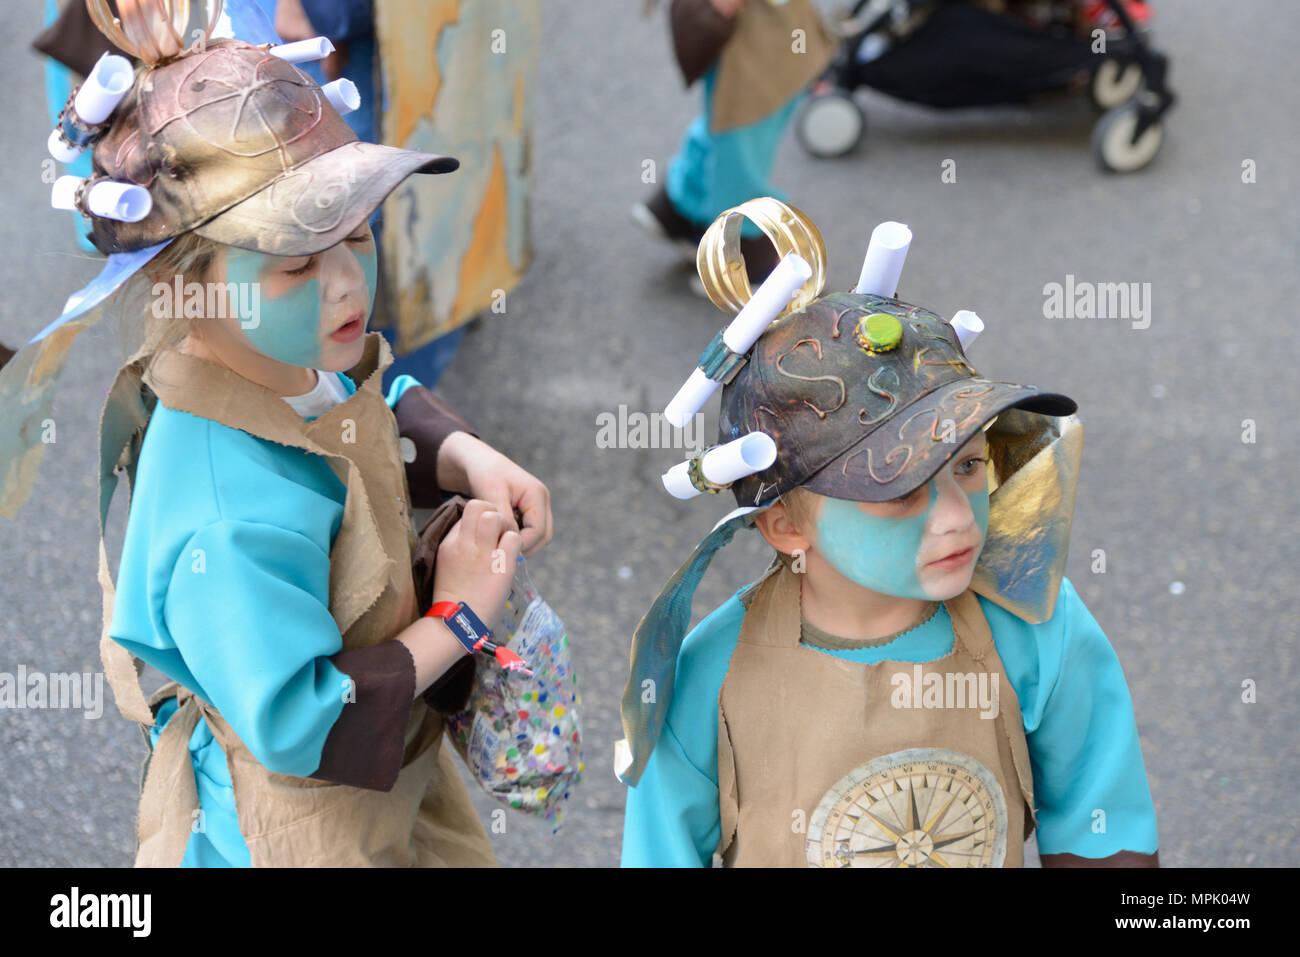 Chico y chica vistiendo disfraces o vestuario teatral para el carnaval anual de primavera en Aix-en-provence Provence francia Imagen De Stock